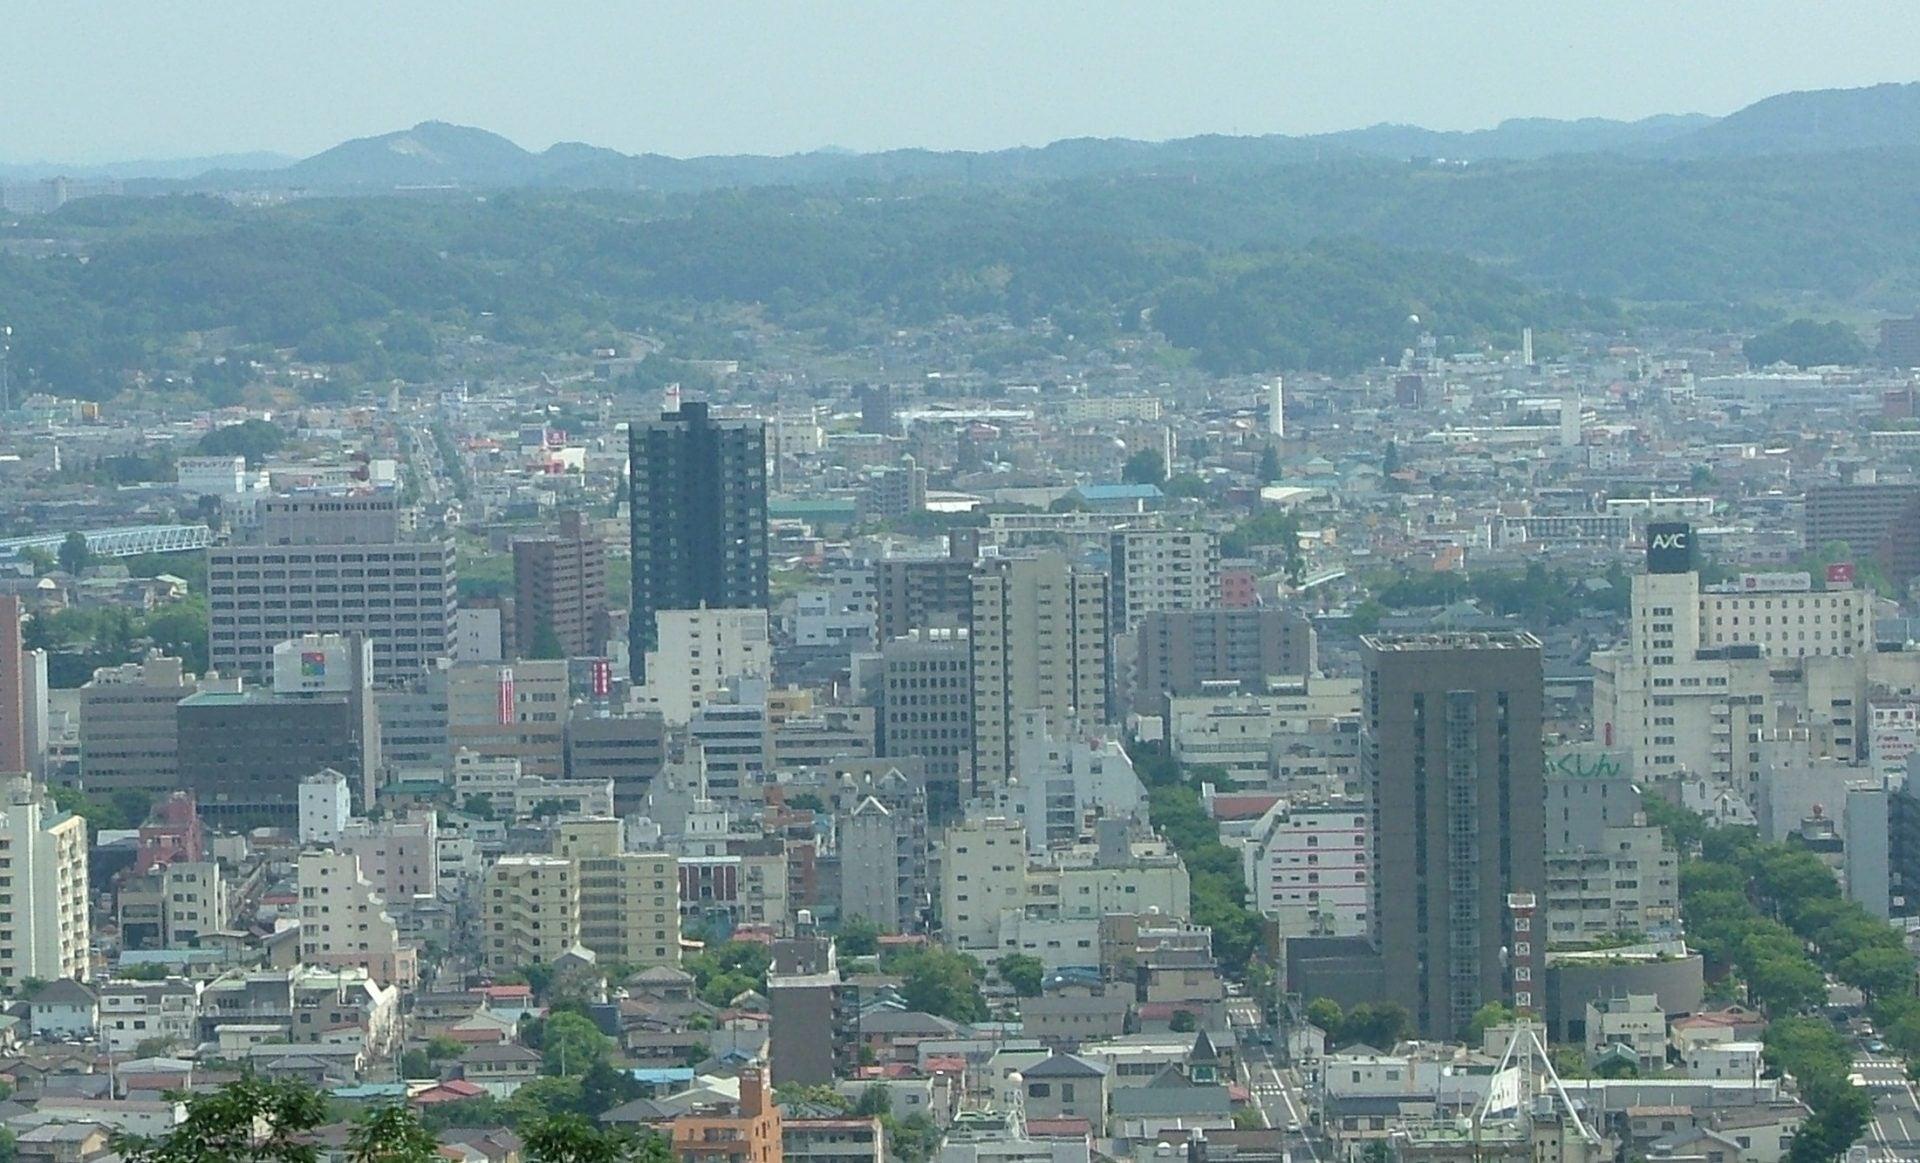 今日の福島市は、かなり暑いです。 | 鈴木洋平のブログ